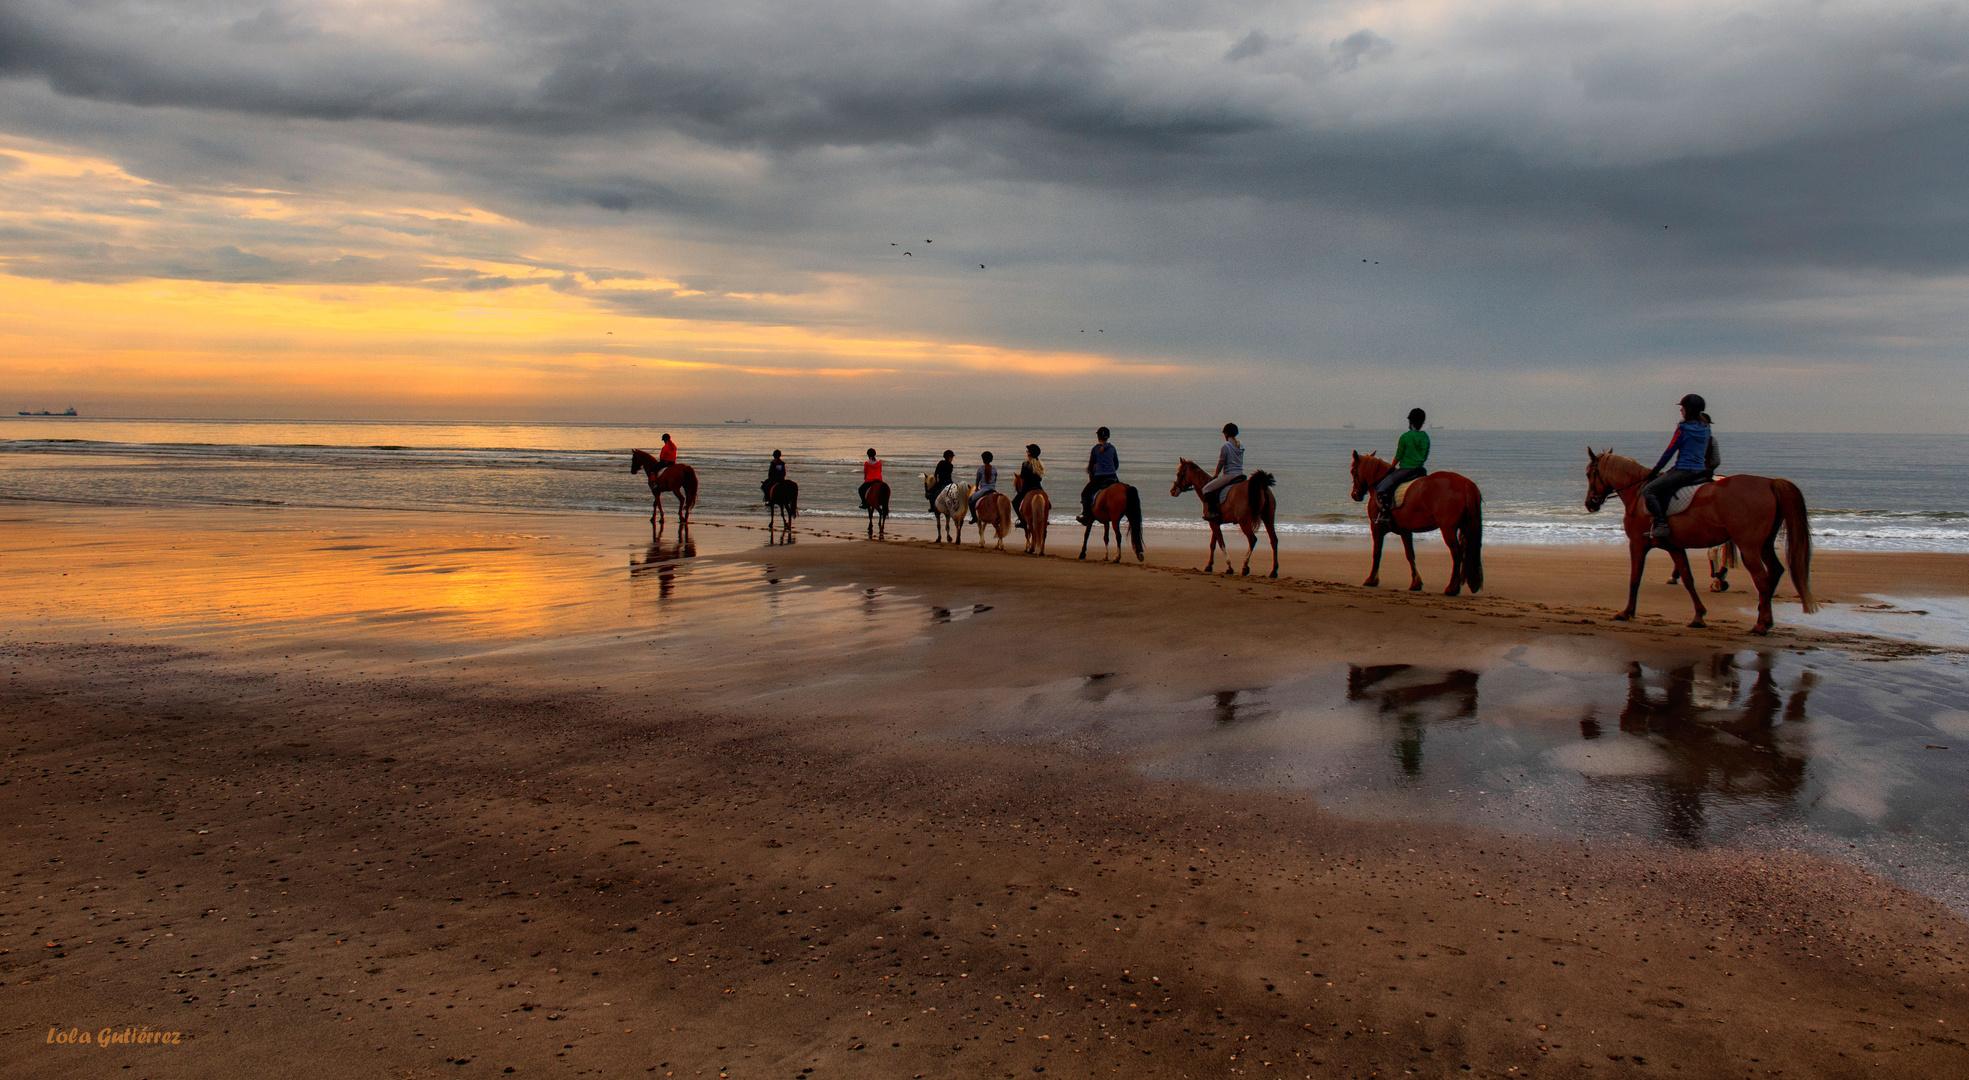 Equitación al borde del mar